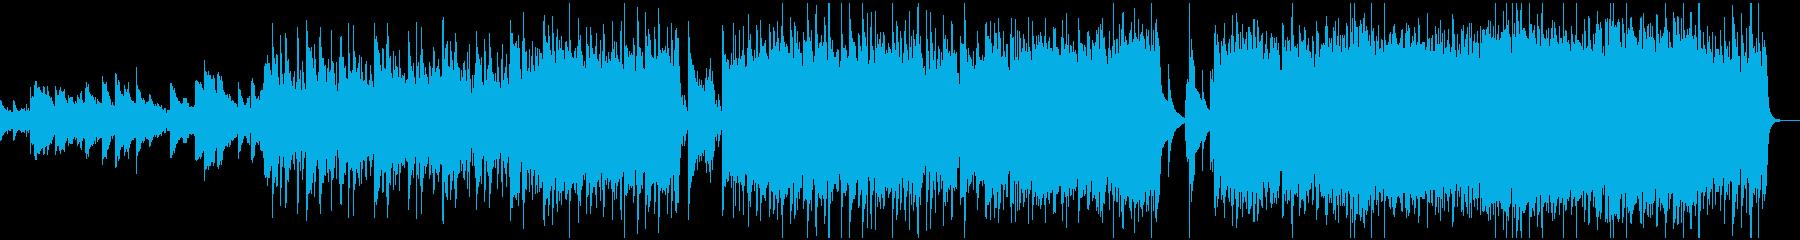 ストリングス+ロックのダークな情景曲の再生済みの波形